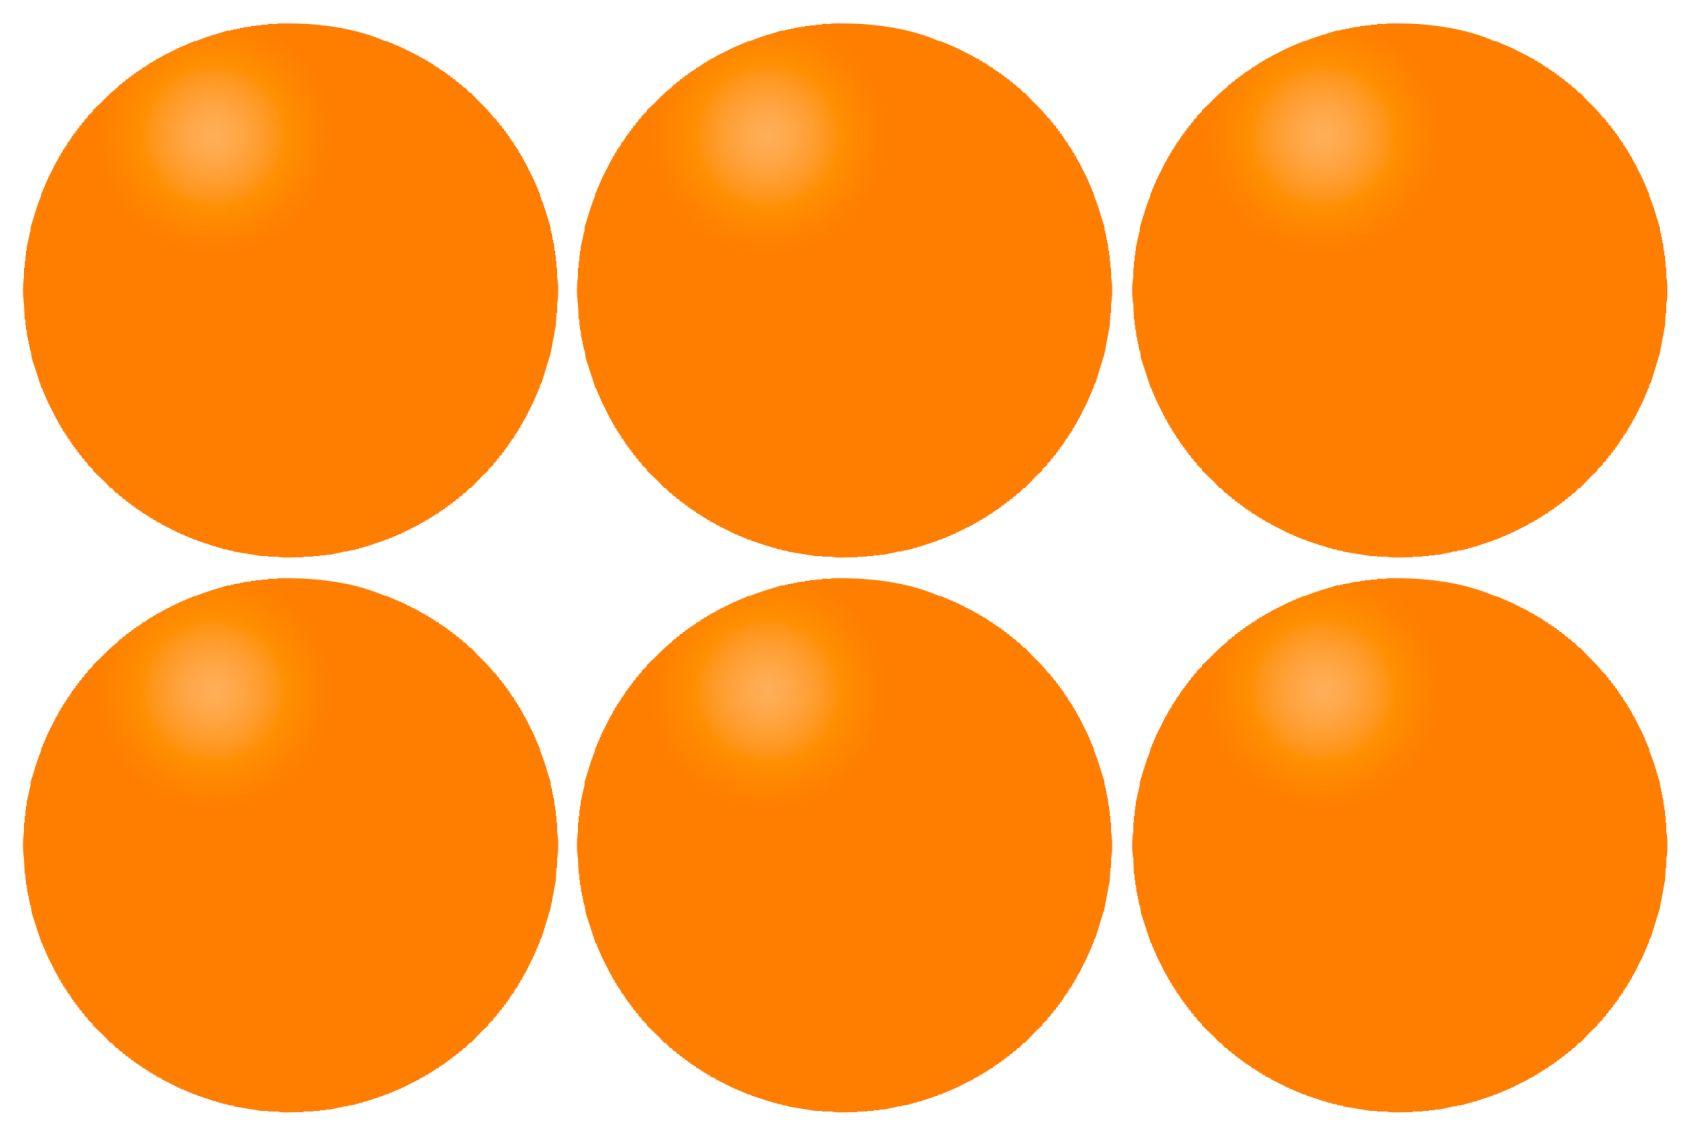 Tafeltennisballen in Koker • 6 Stuks •